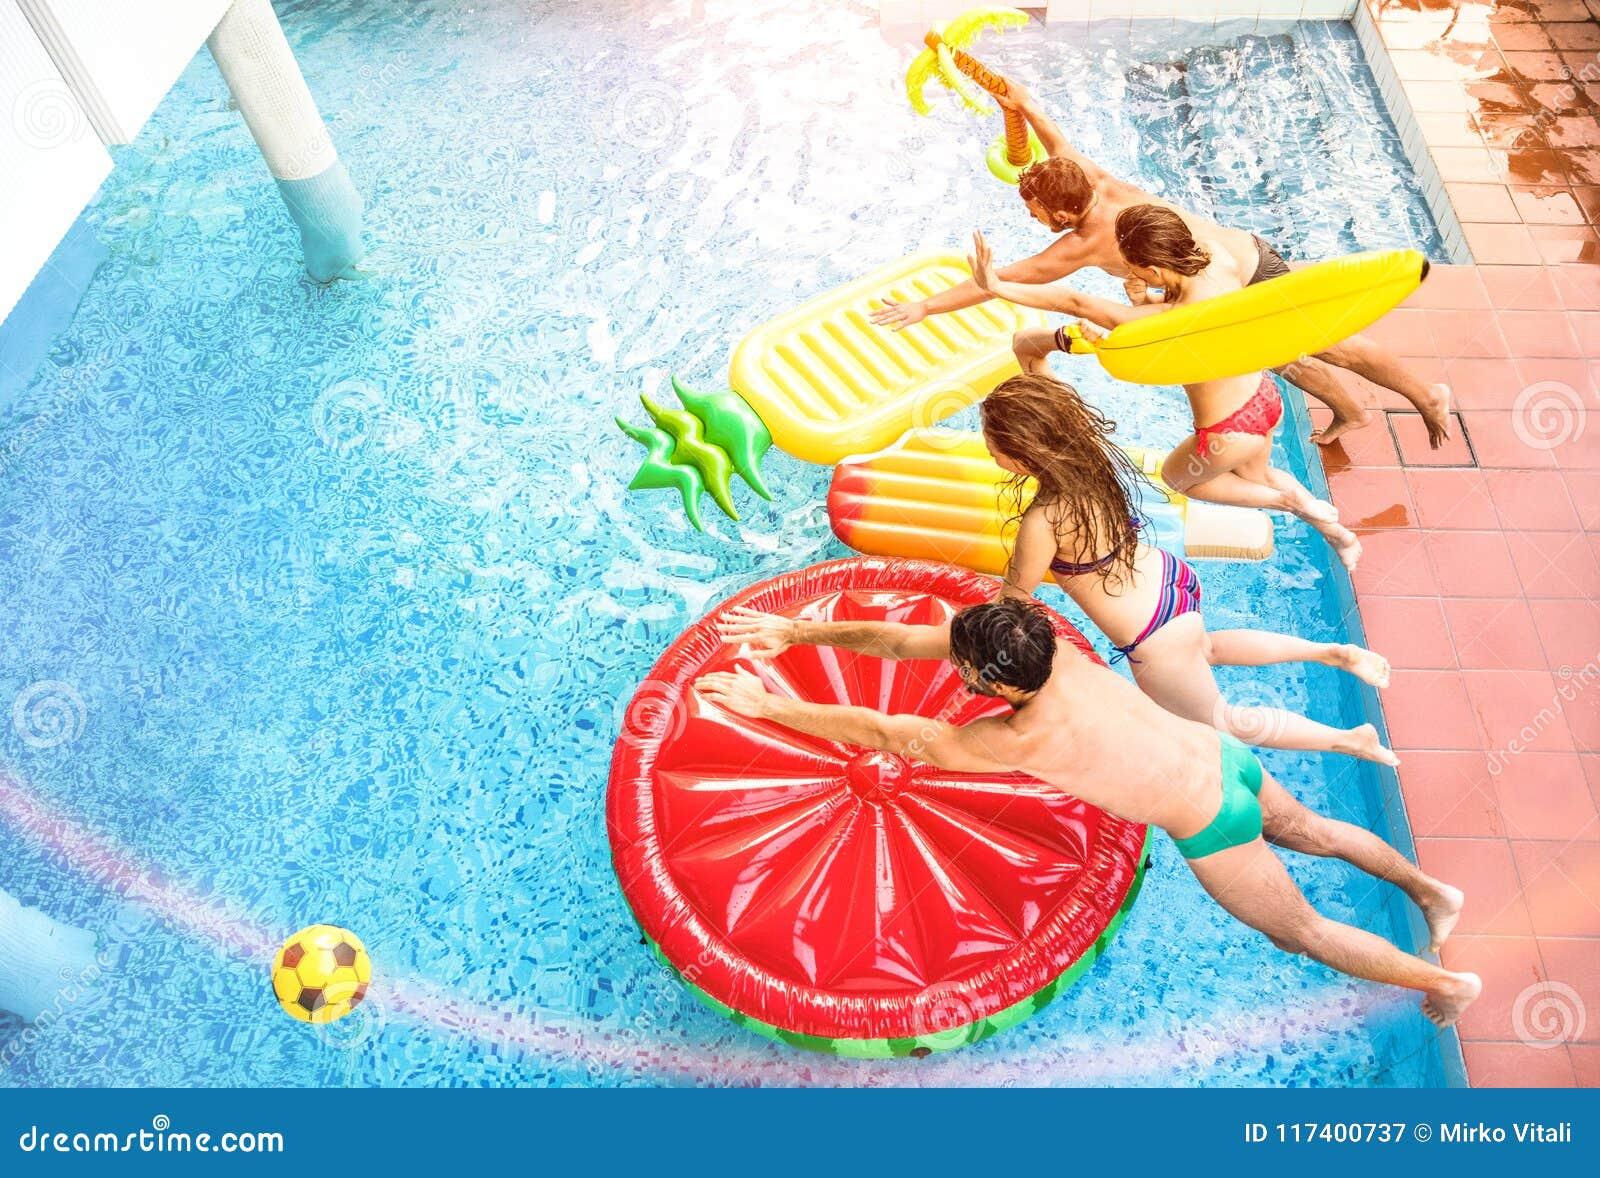 Hoogste mening van actieve vrienden die bij zwembadpartij springen - Vaca